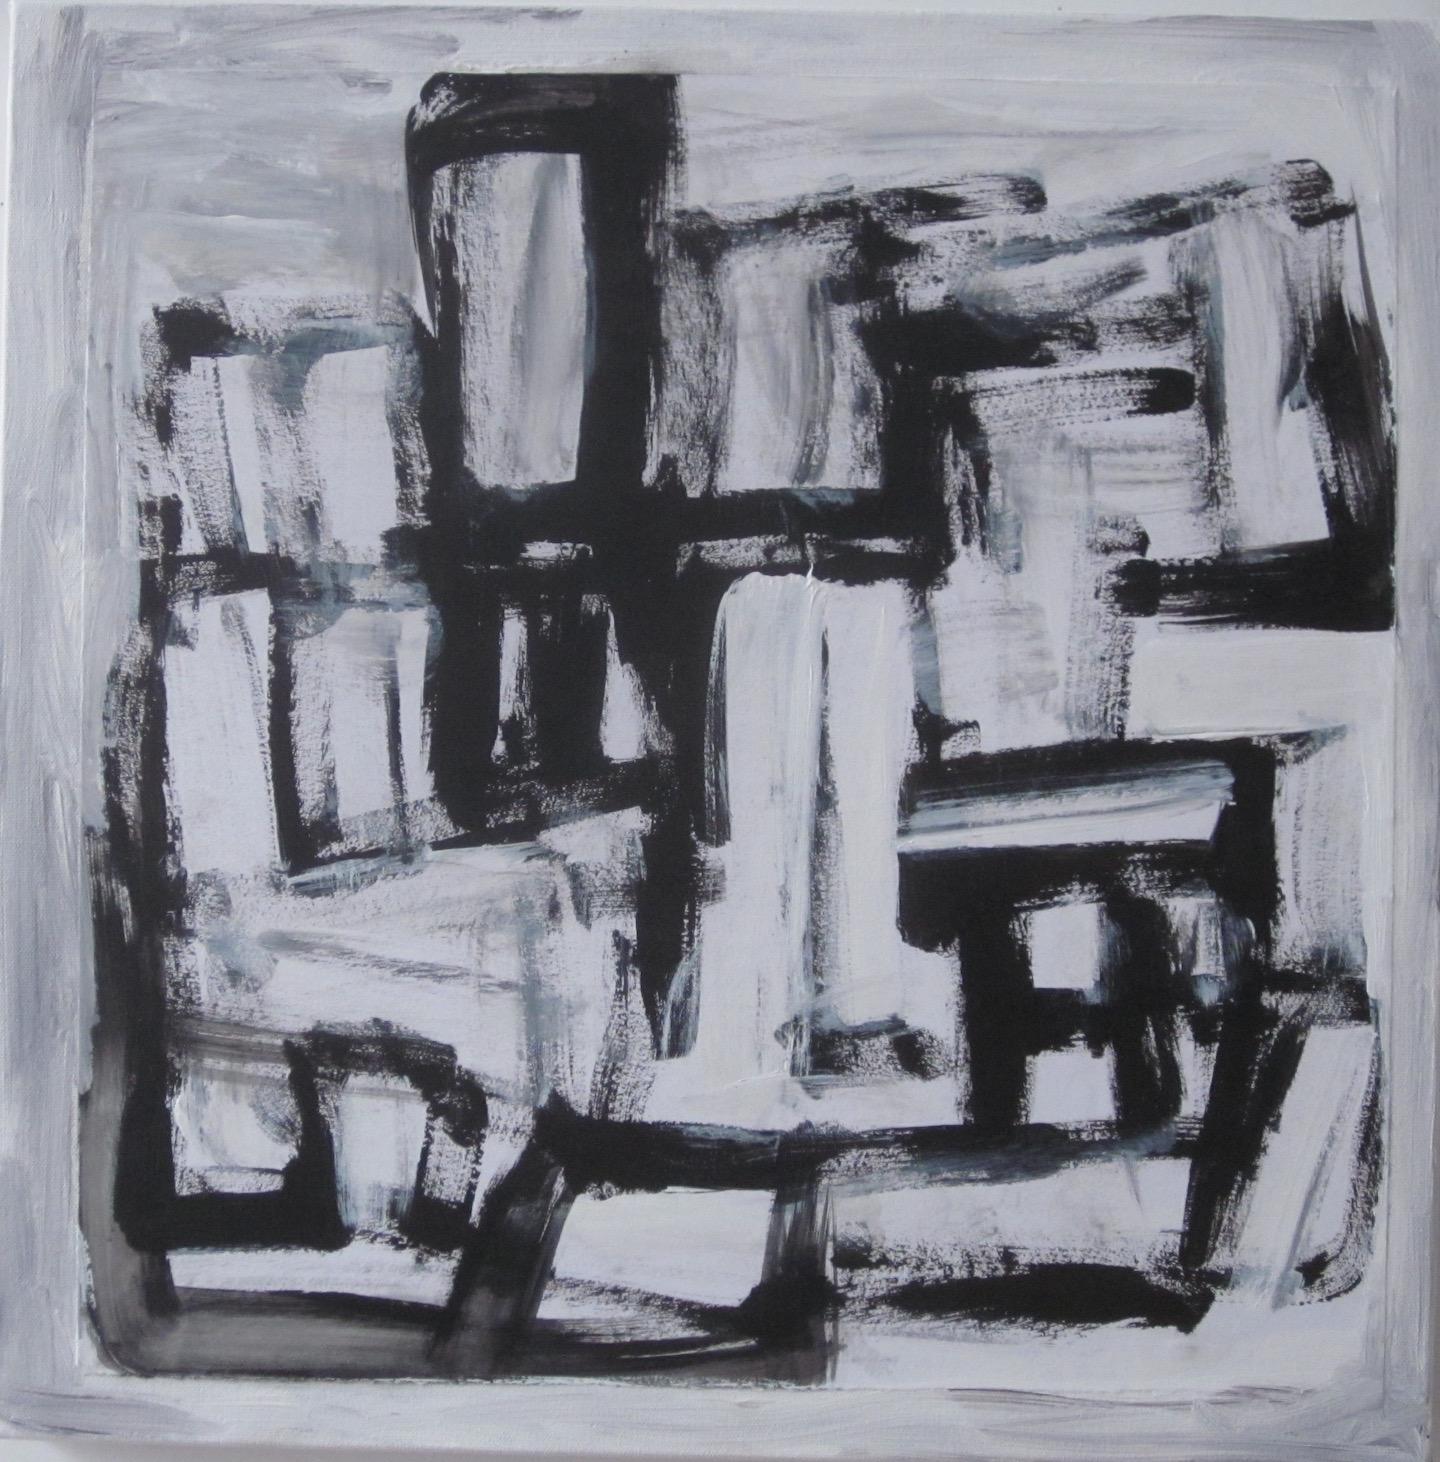 Black & White Study #5